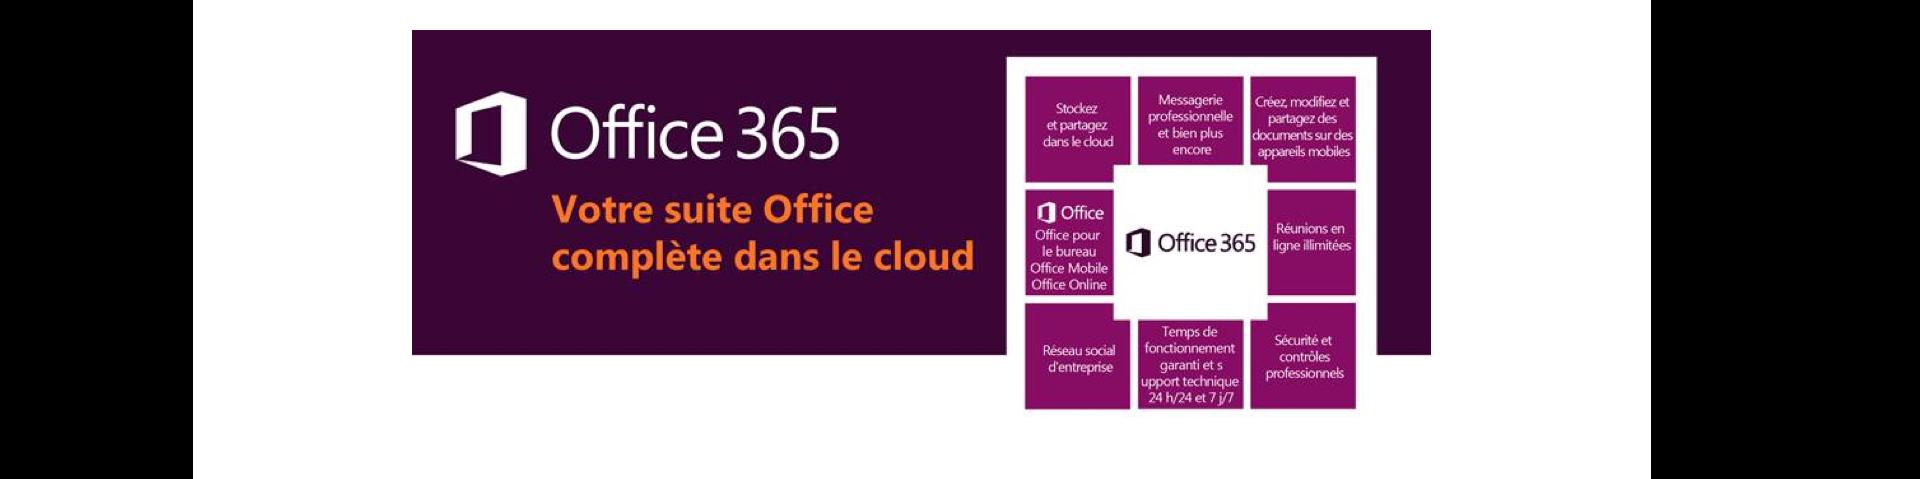 Offre cloud office 365 - agenda et calendrier partagés